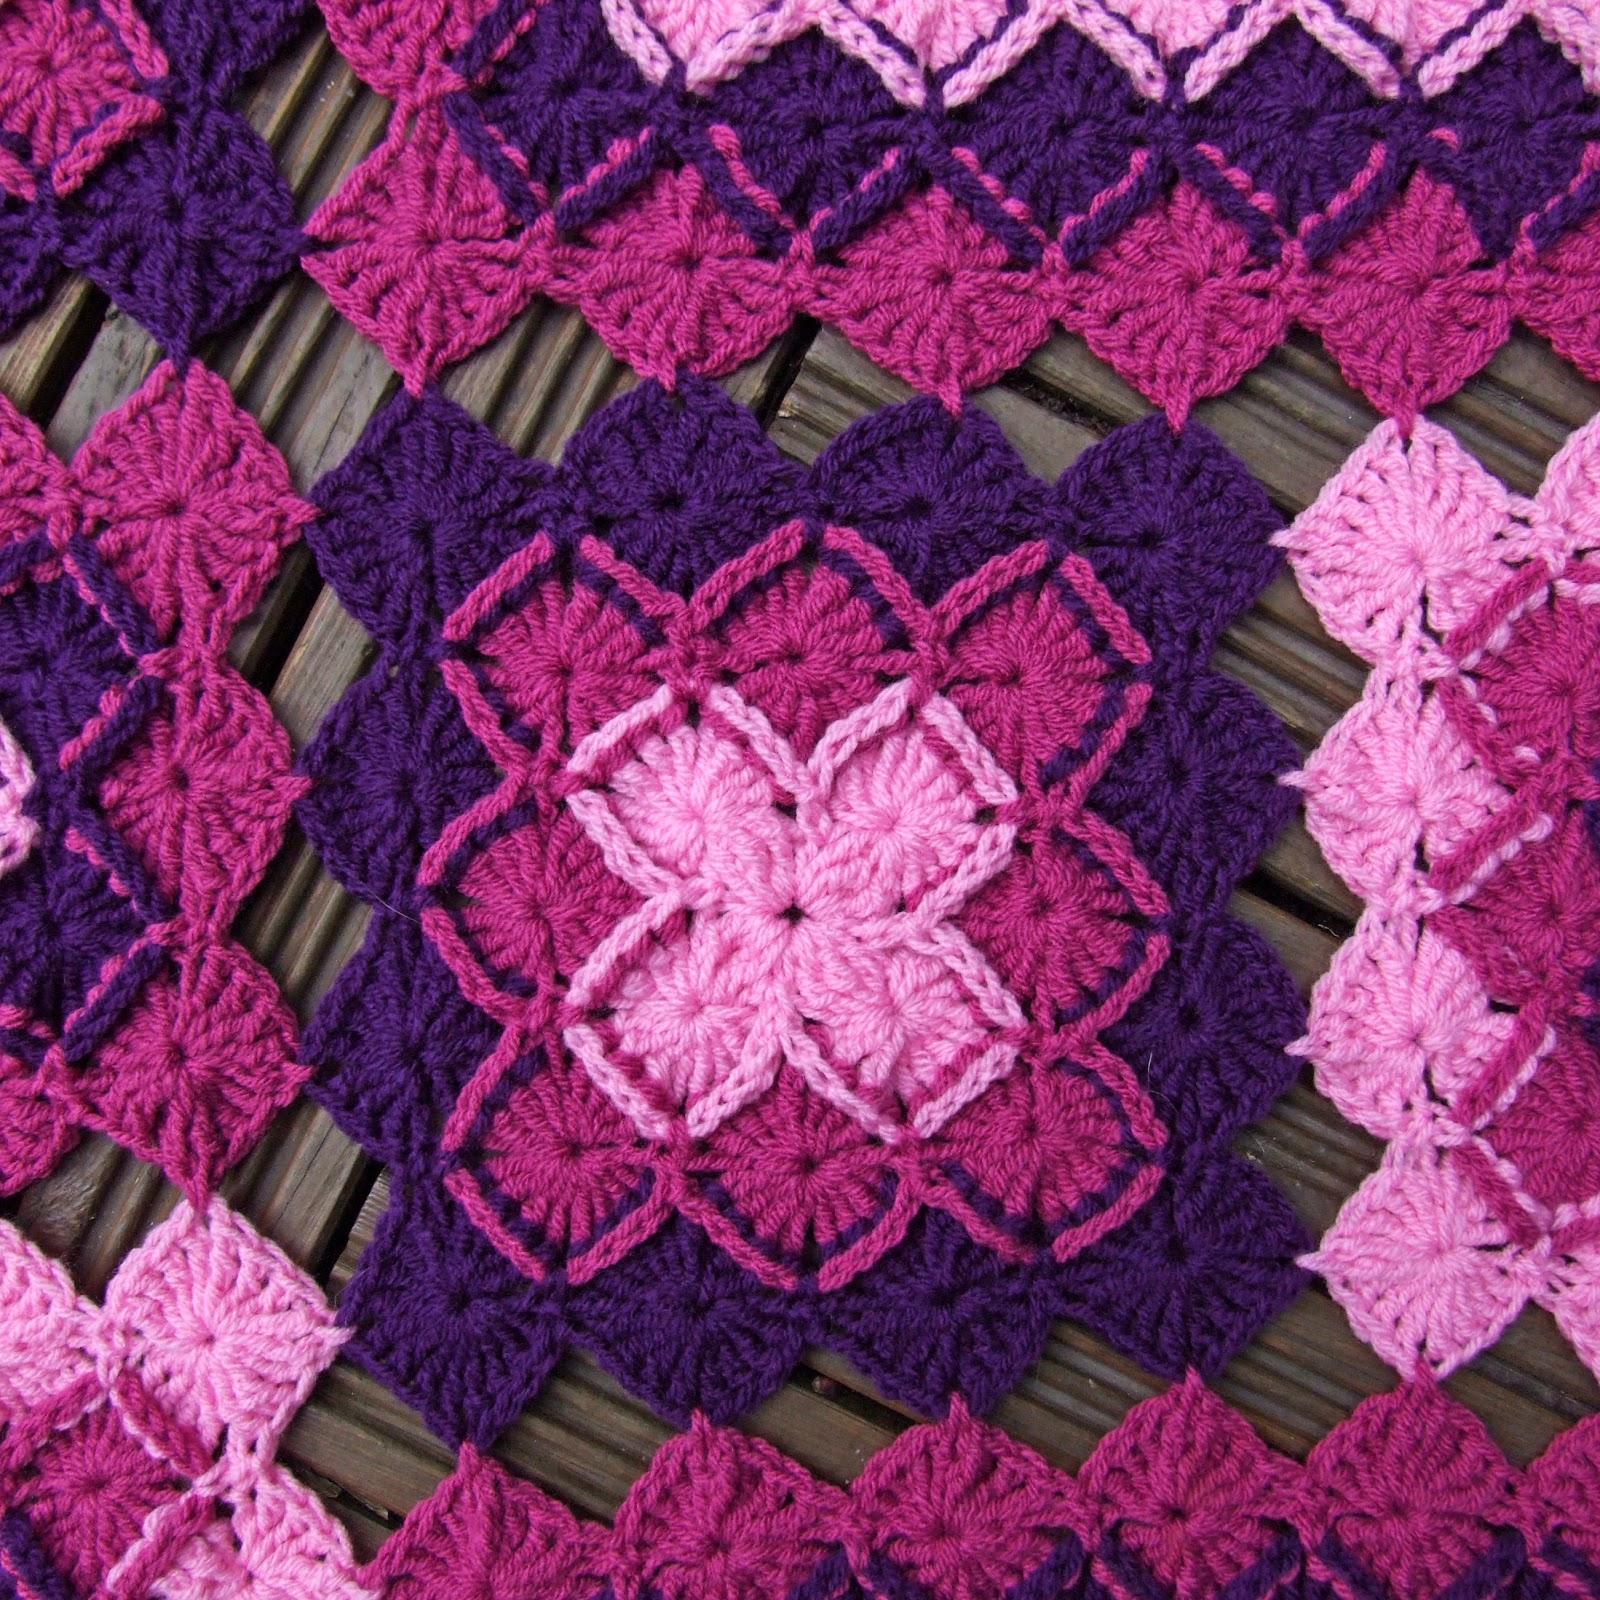 Bavarian Crochet Lap Blanket - TA DA!!! - WoolnHook by Leonie Morgan